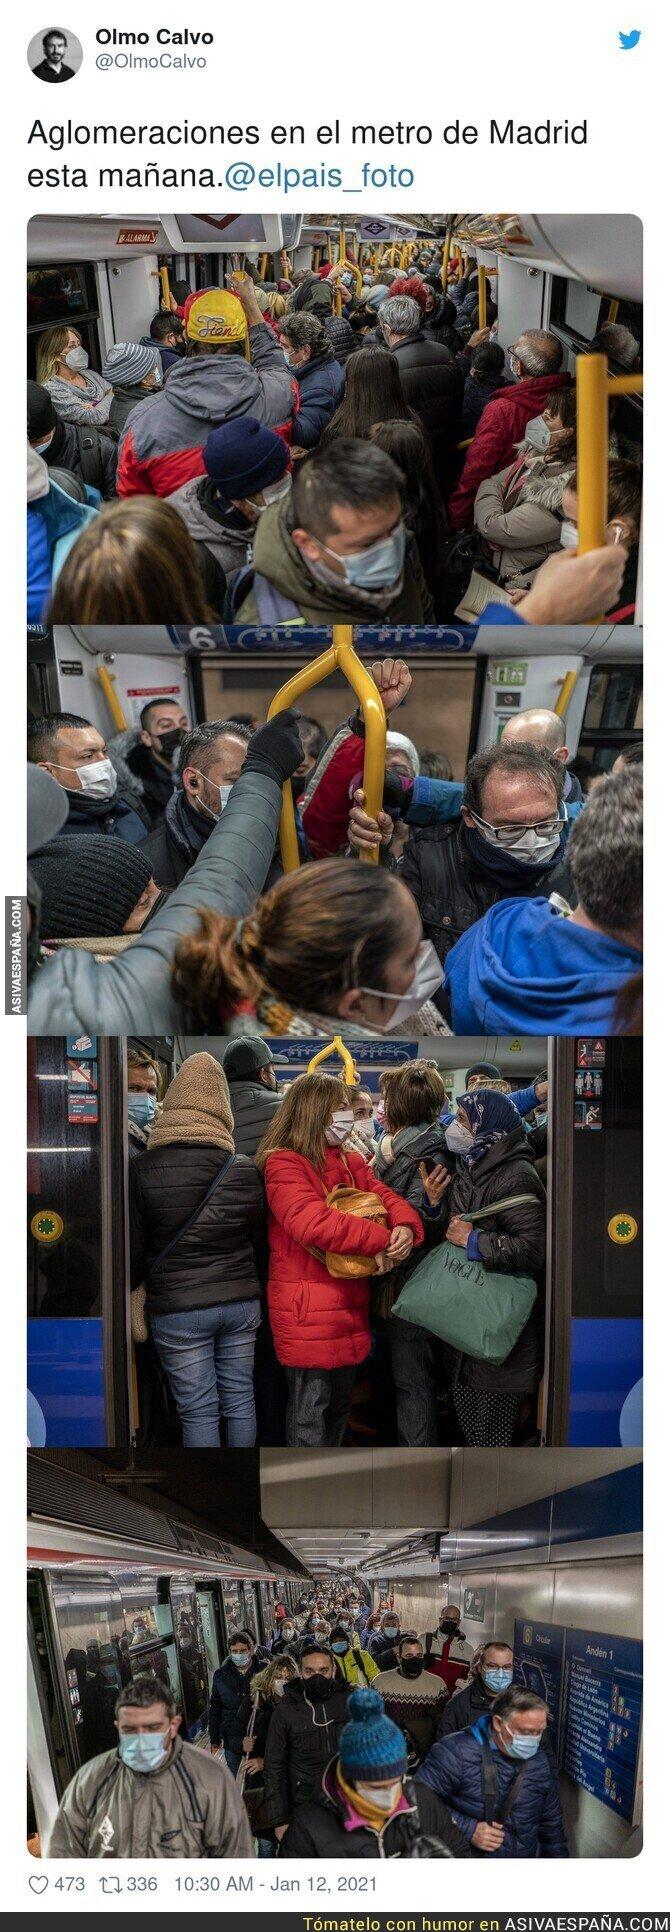 548529 - Políticos y empresarios son cómplices de este crimen en el transporte público